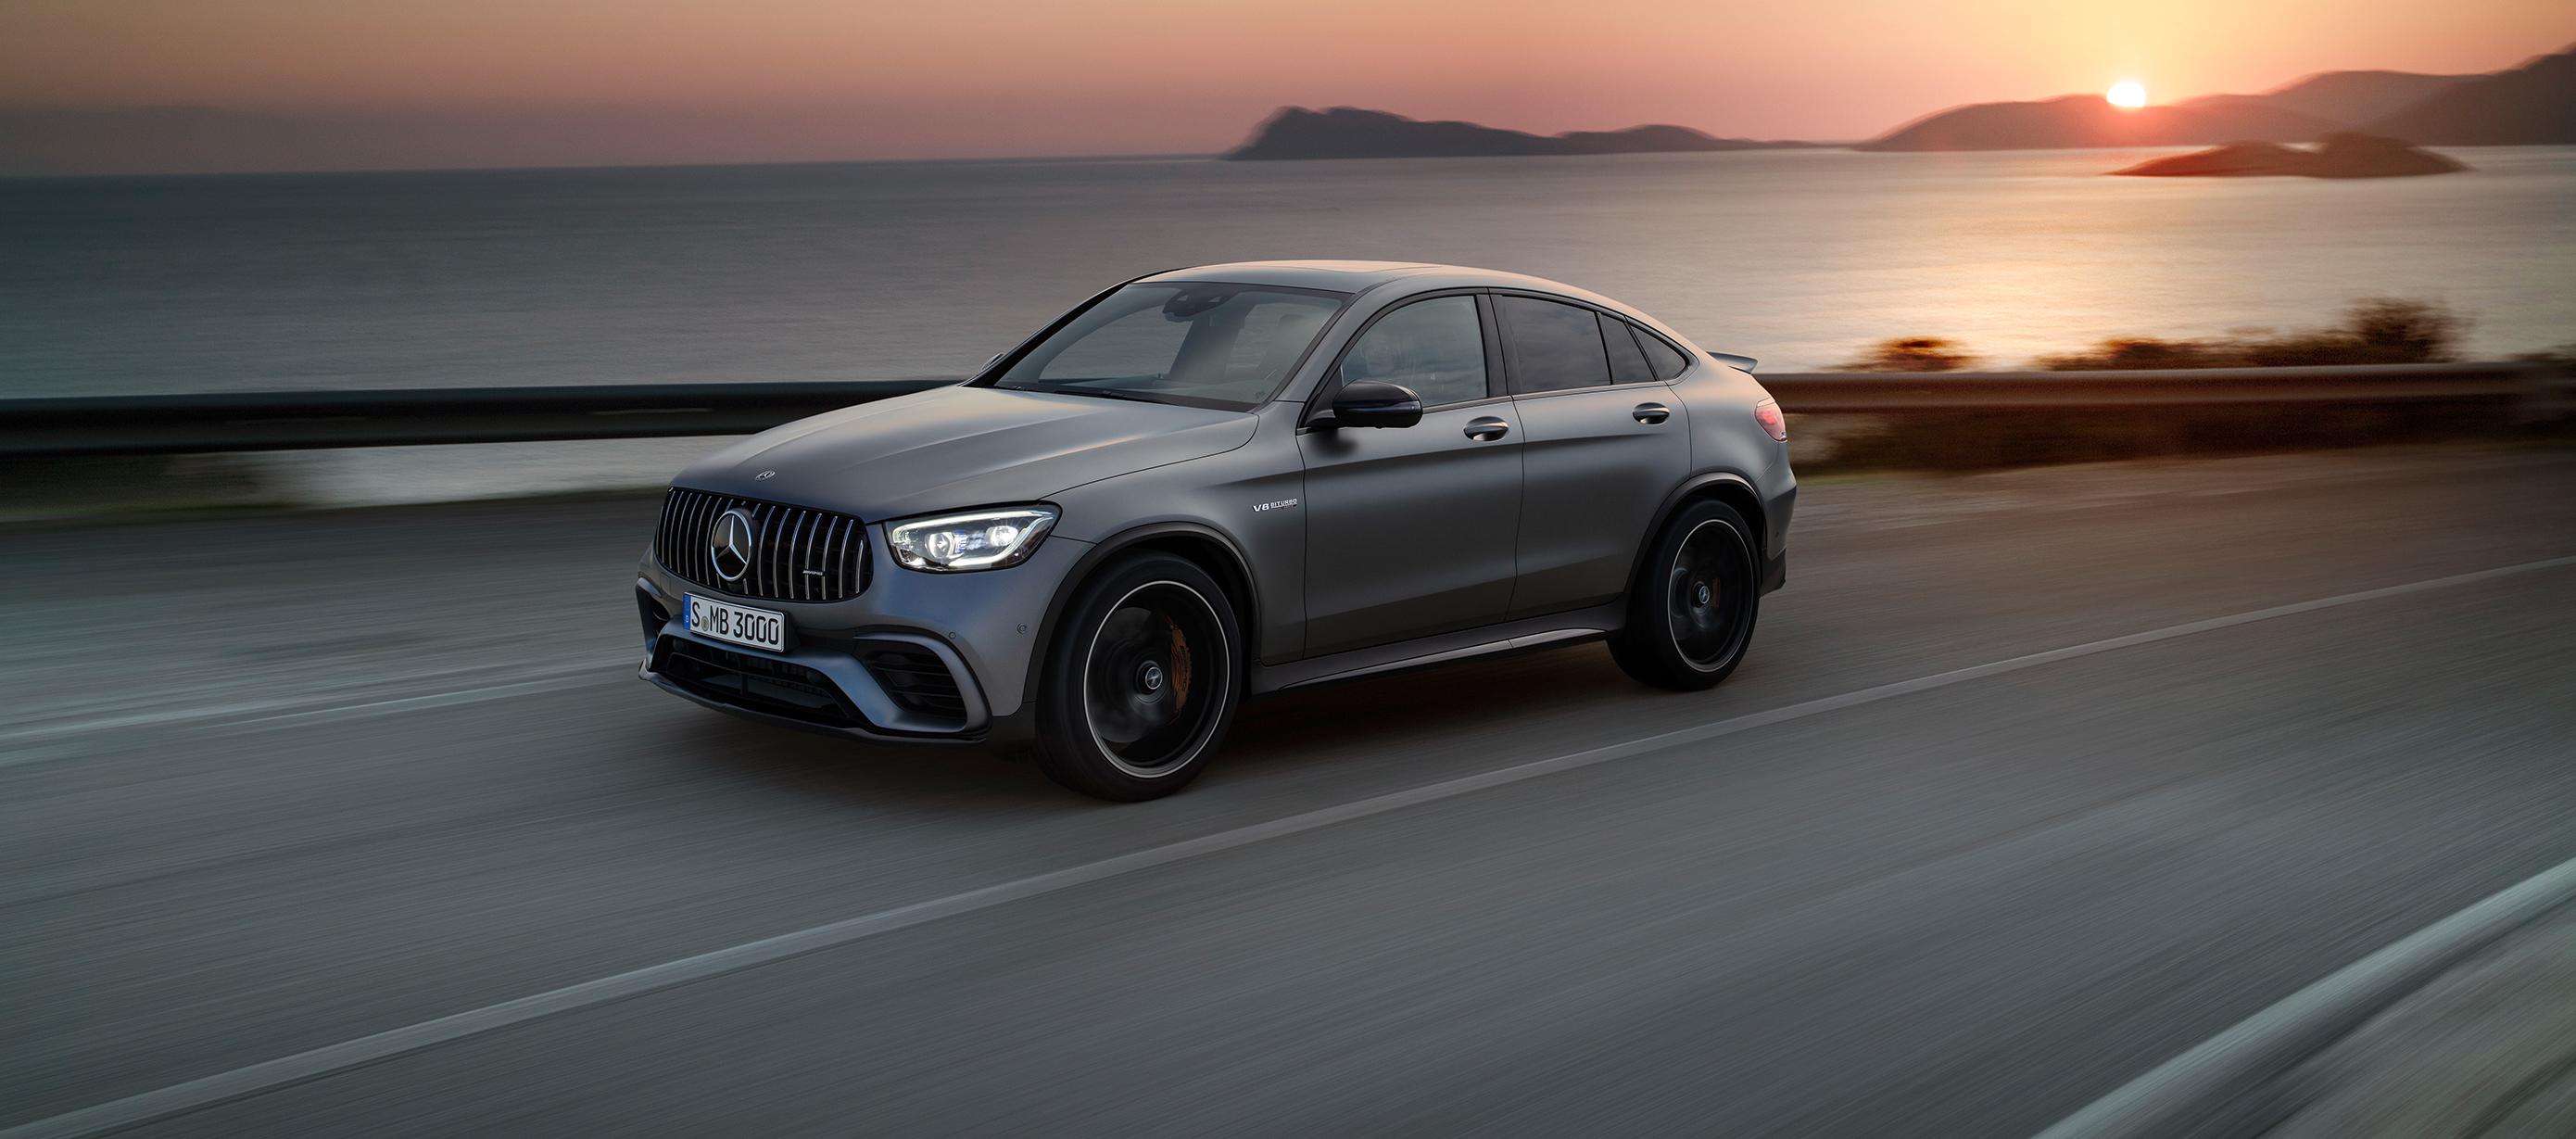 Mercedes-Benz presenta sus nuevos modelos AMG GLC 63 4MATIC+